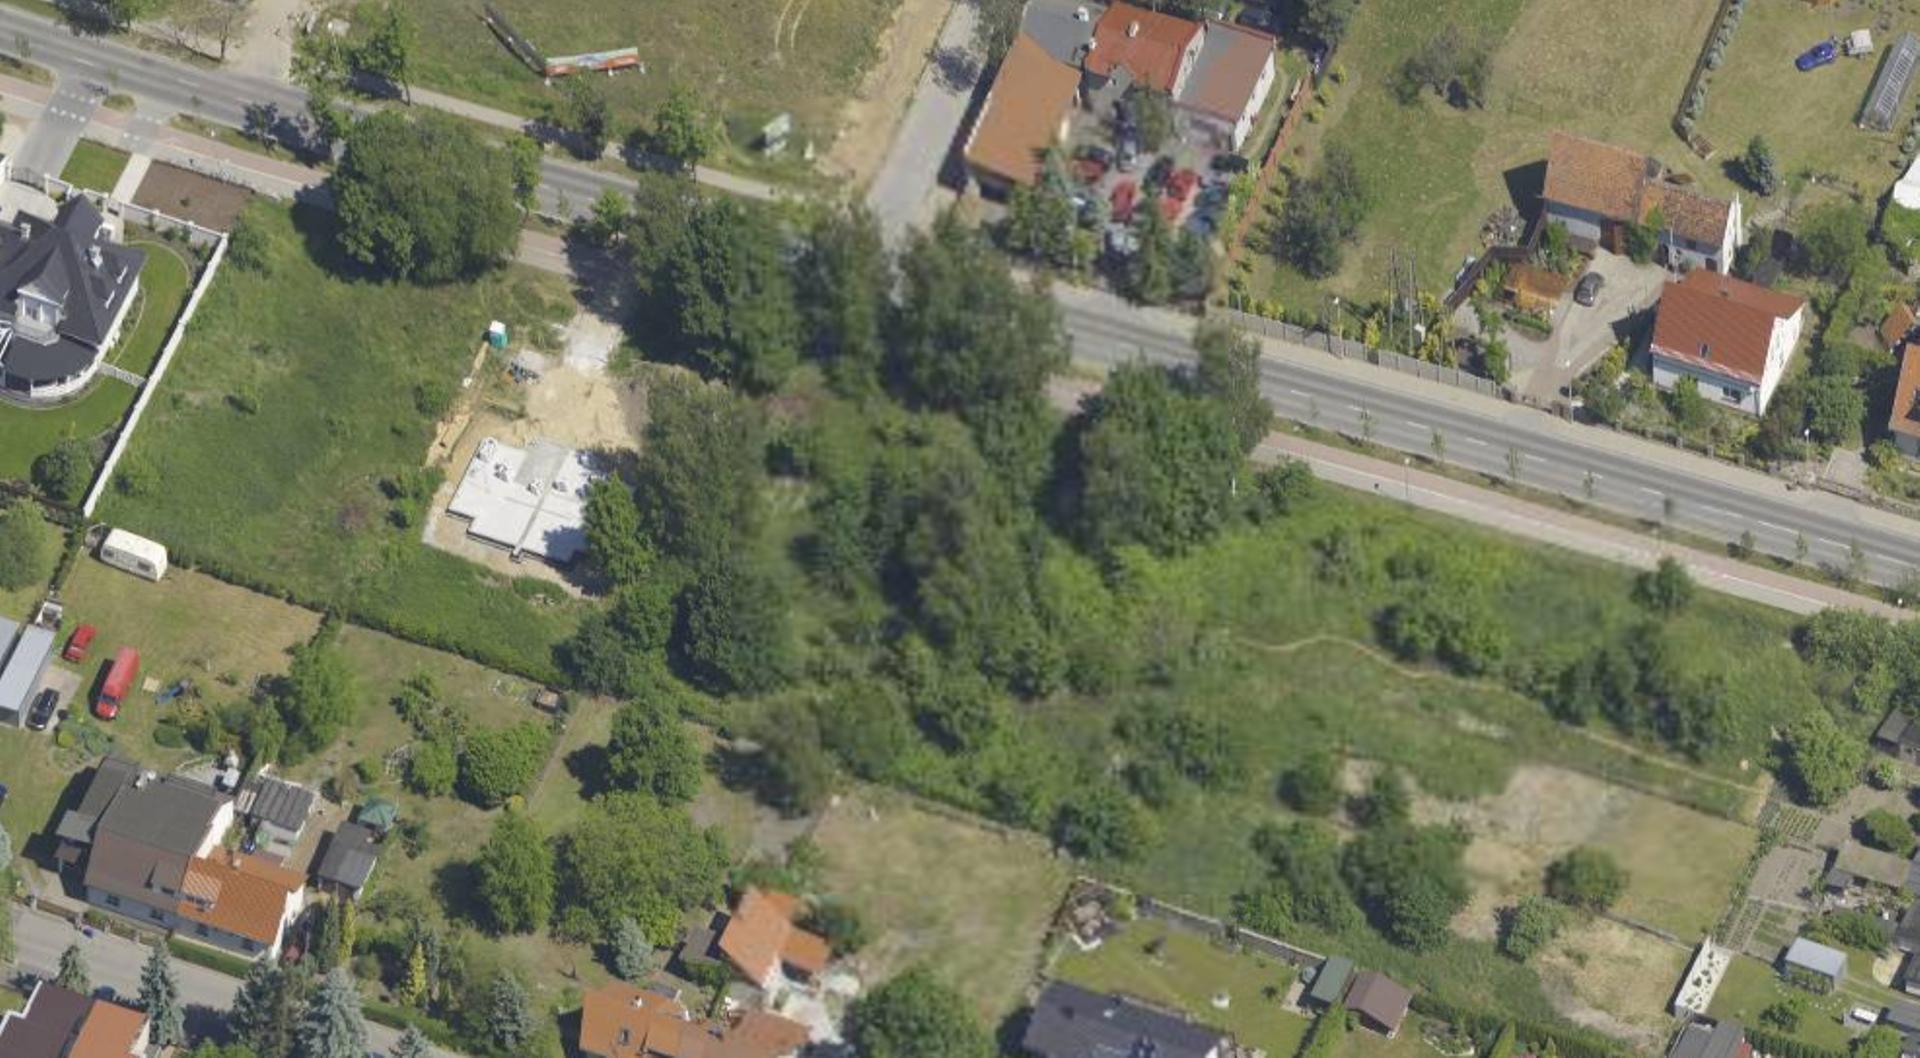 Wrocław: Deweloperzy stawiają na Stabłowice. Kolejne nieruchomości w ich rękach